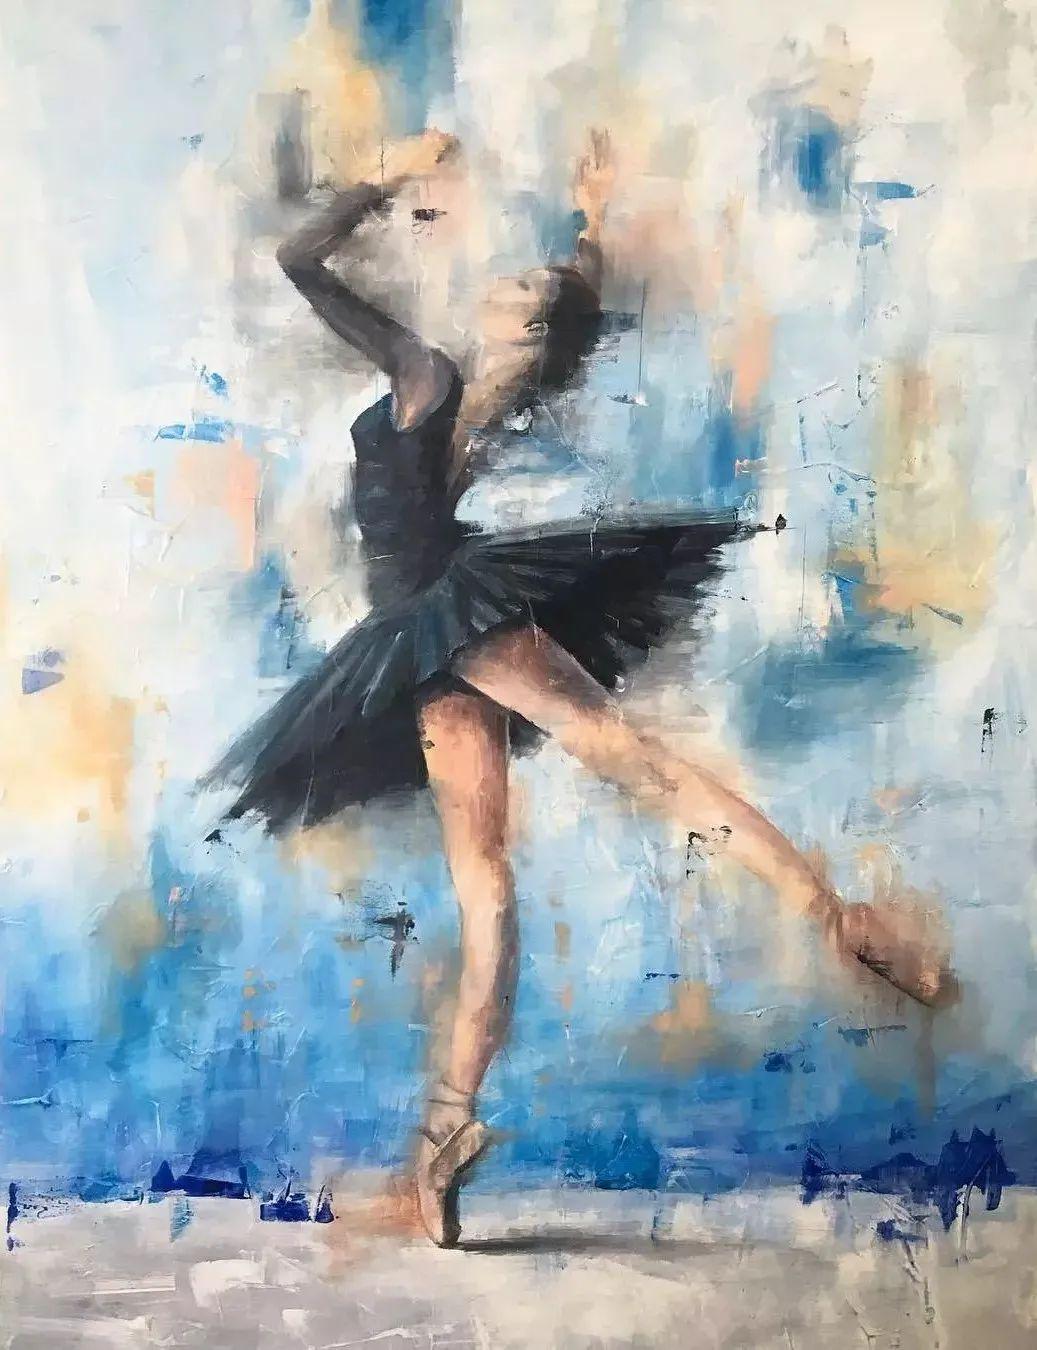 翩若惊鸿,婉若游龙,油画里那些翩翩起舞的美少女插图19